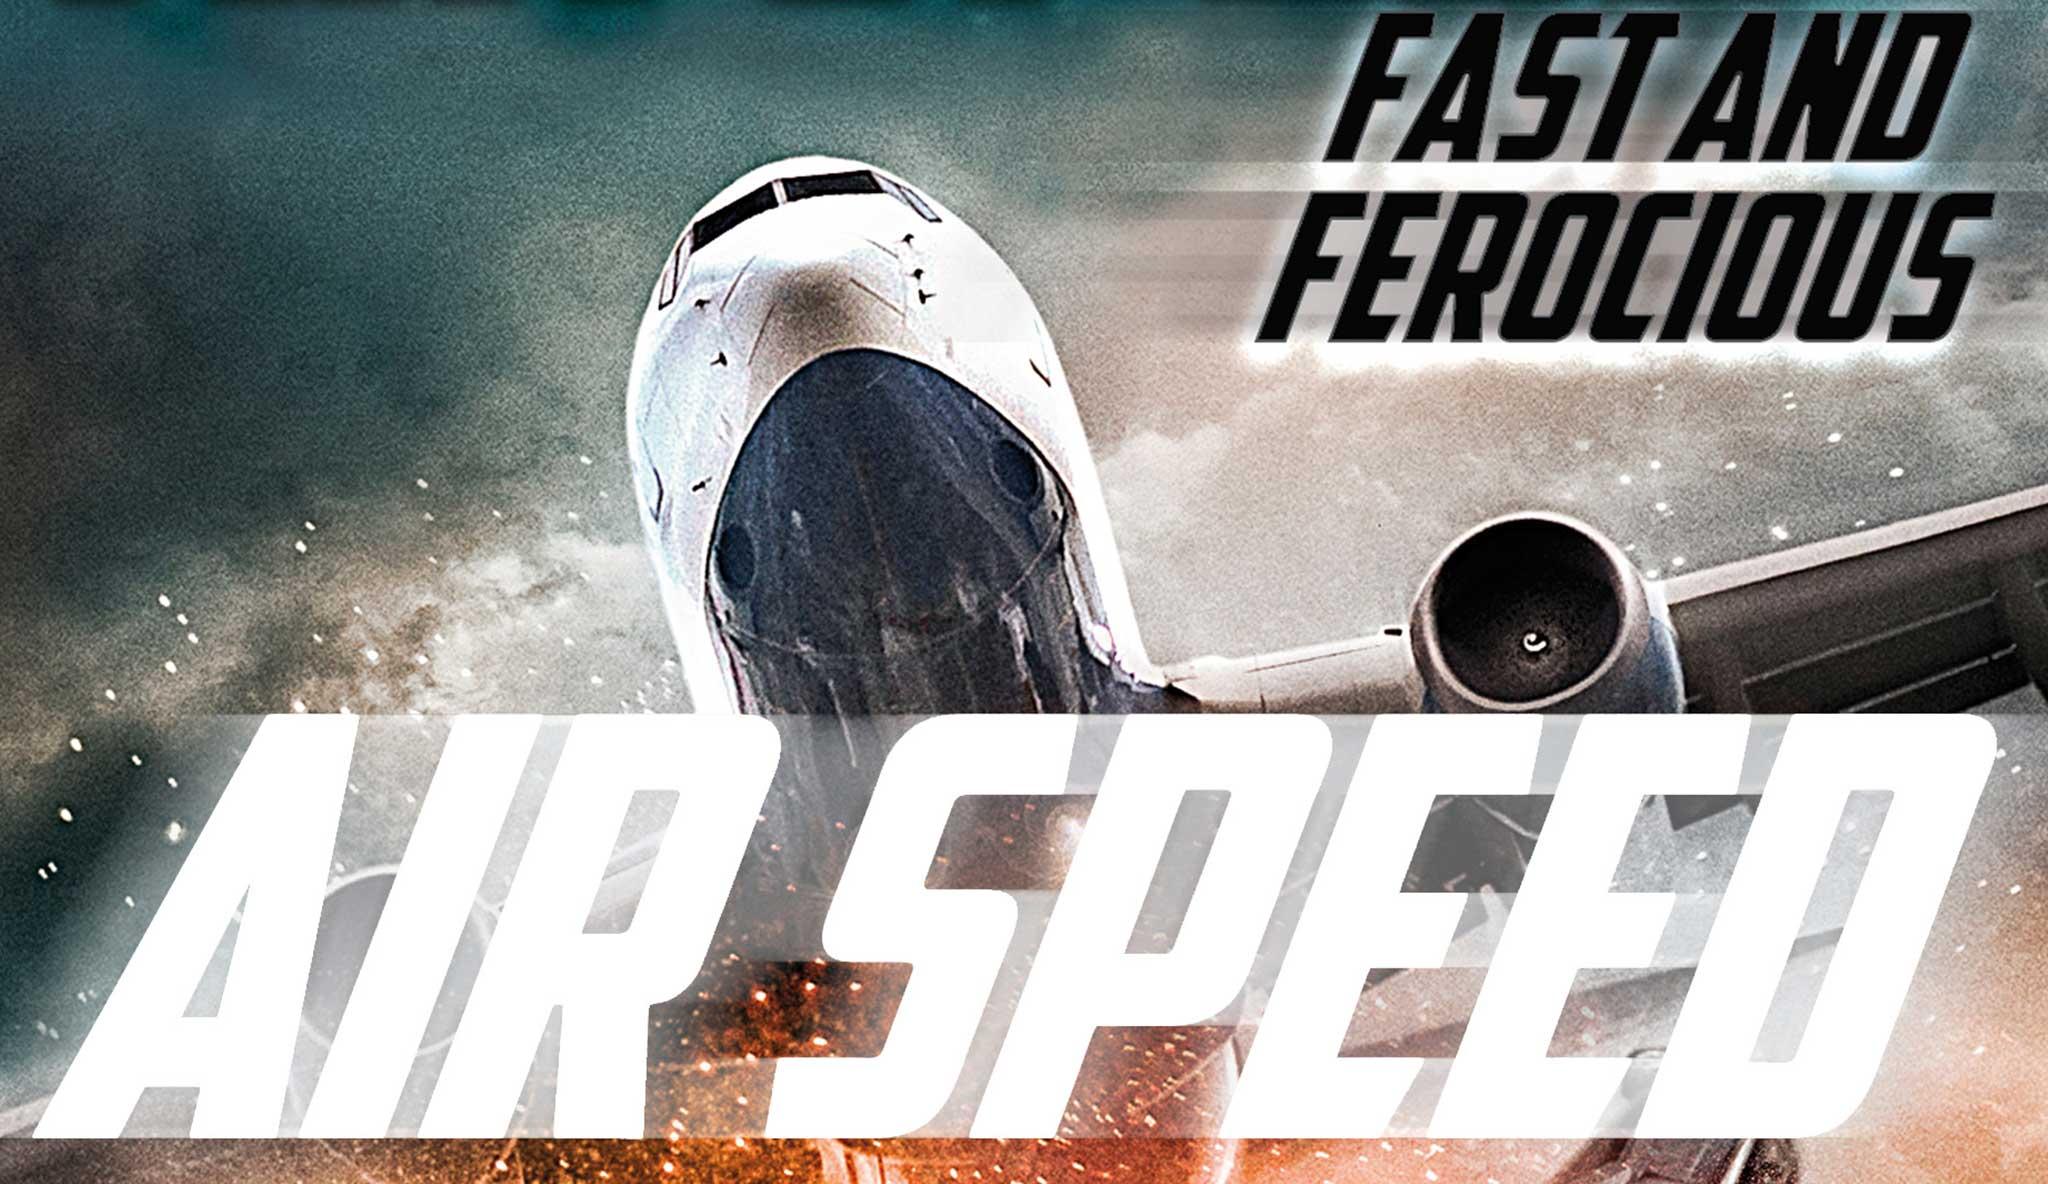 air-speed-the-fast-and-ferocious\header.jpg